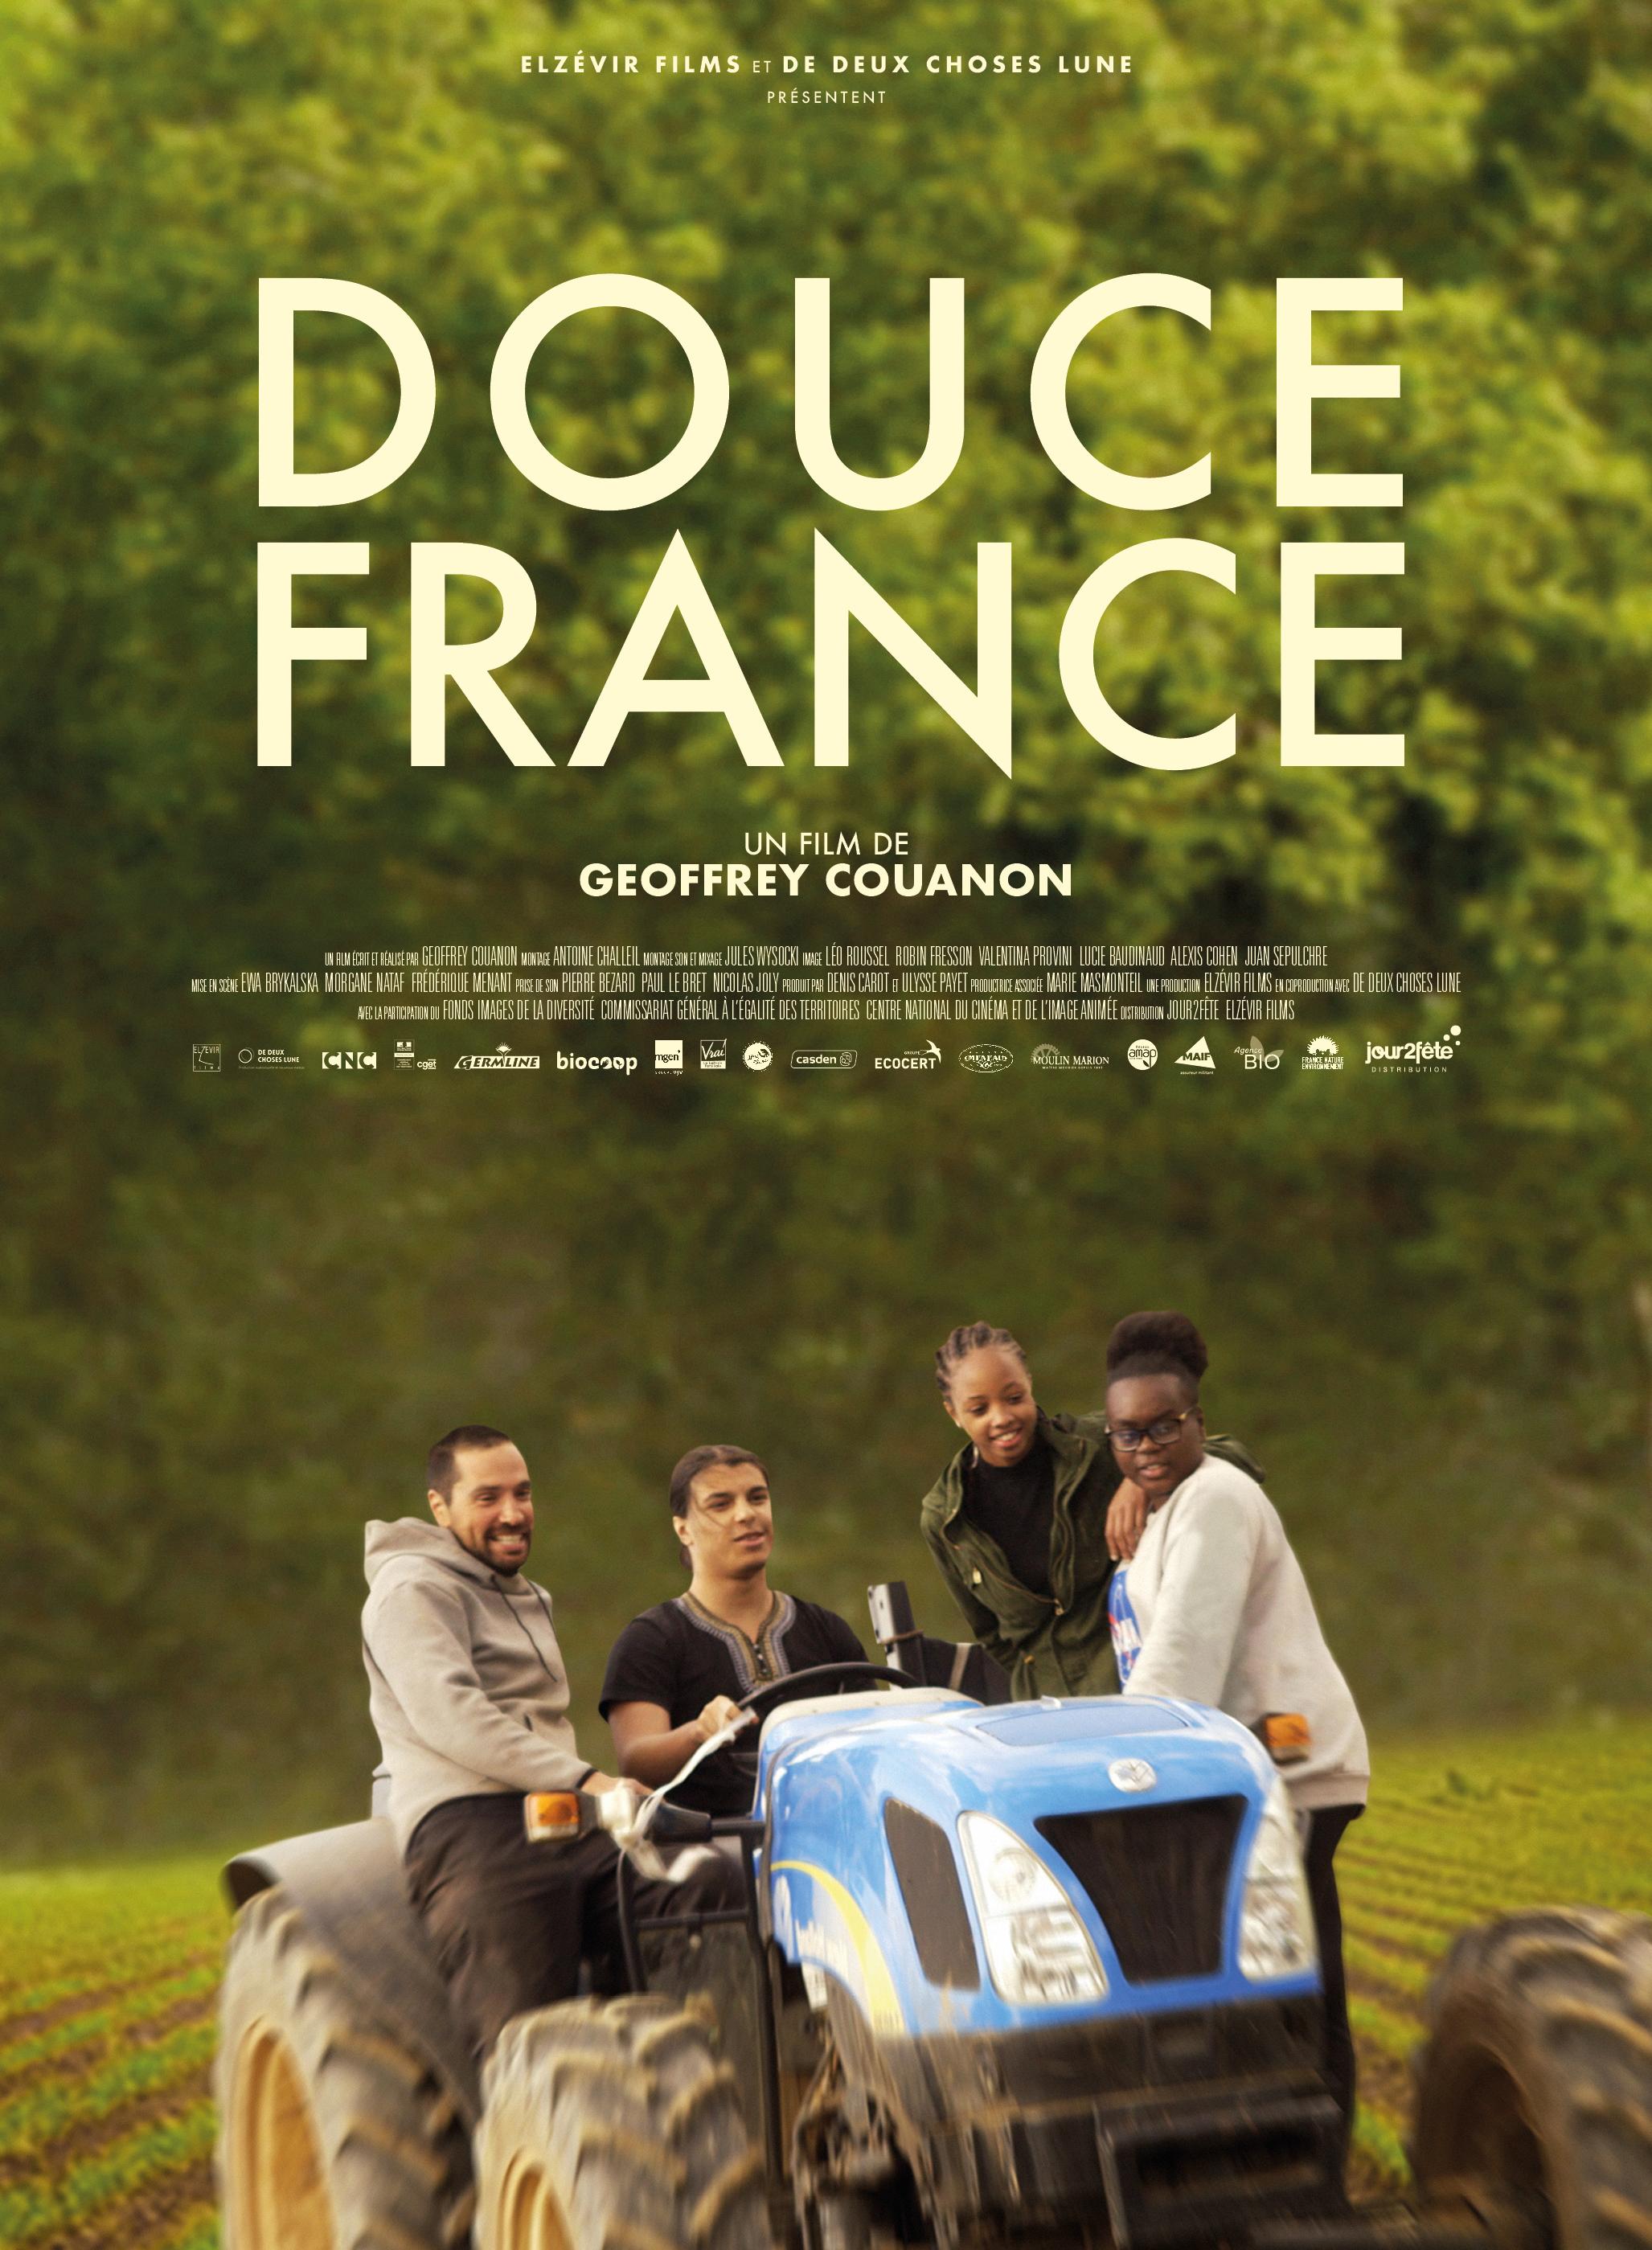 Ciné Débat: Douce France à l'Arvor dans le cadre de la Fête des Possibles